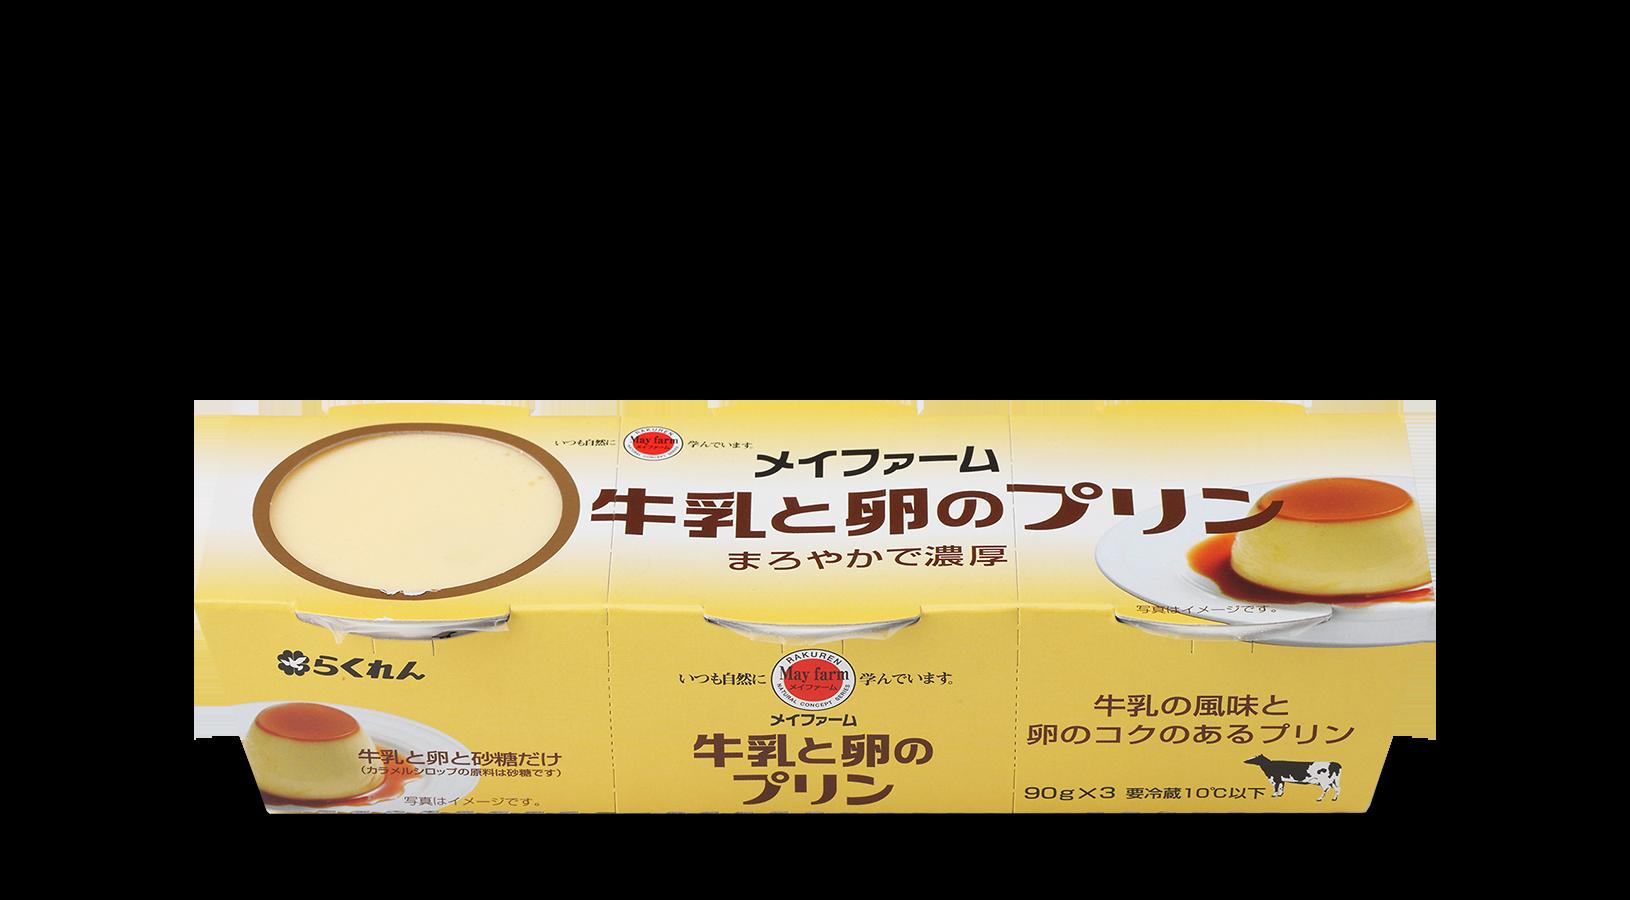 商品イメージ:メイファーム牛乳と卵のプリン